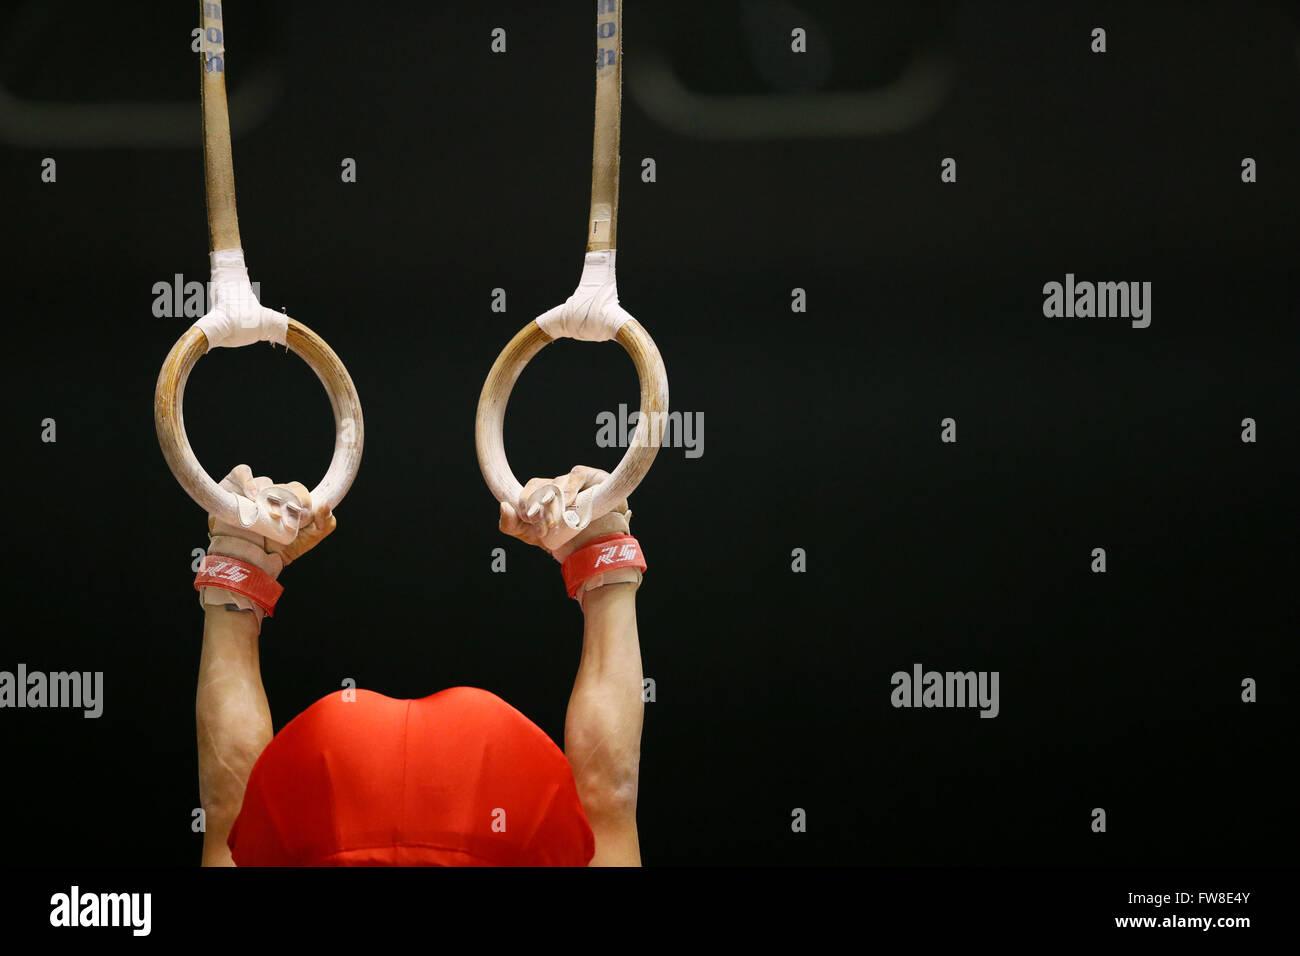 Tokyo, Japon. 1er avril 2016. Detail shot, Avril 1, 2016 - La gymnastique artistique: la 70e Japon Tous les Photo Stock